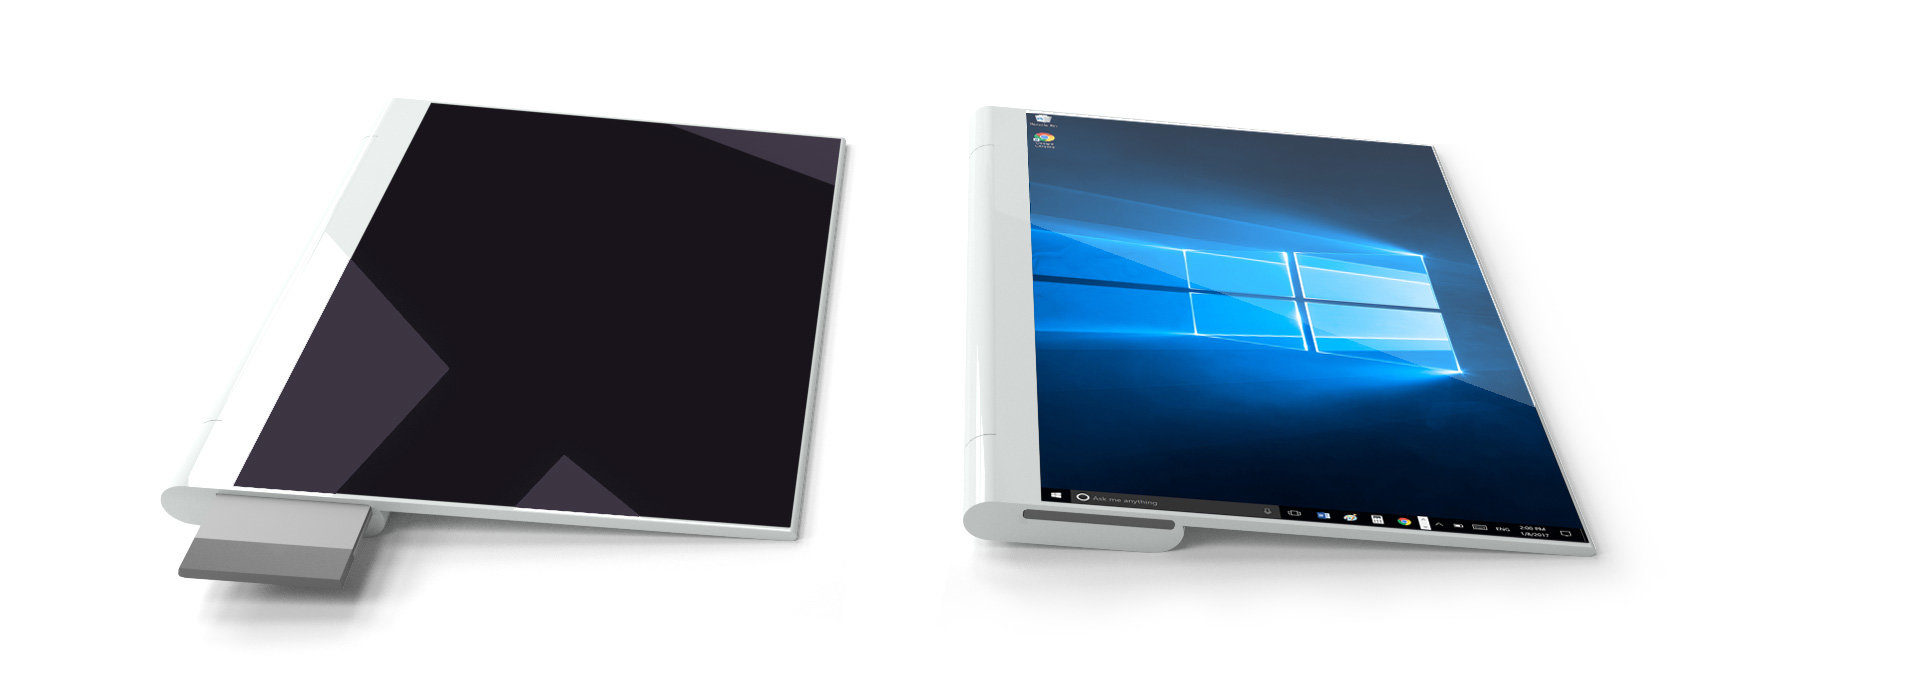 Rechts hinter dem Bildschirm wird die Compute Card eingeschoben